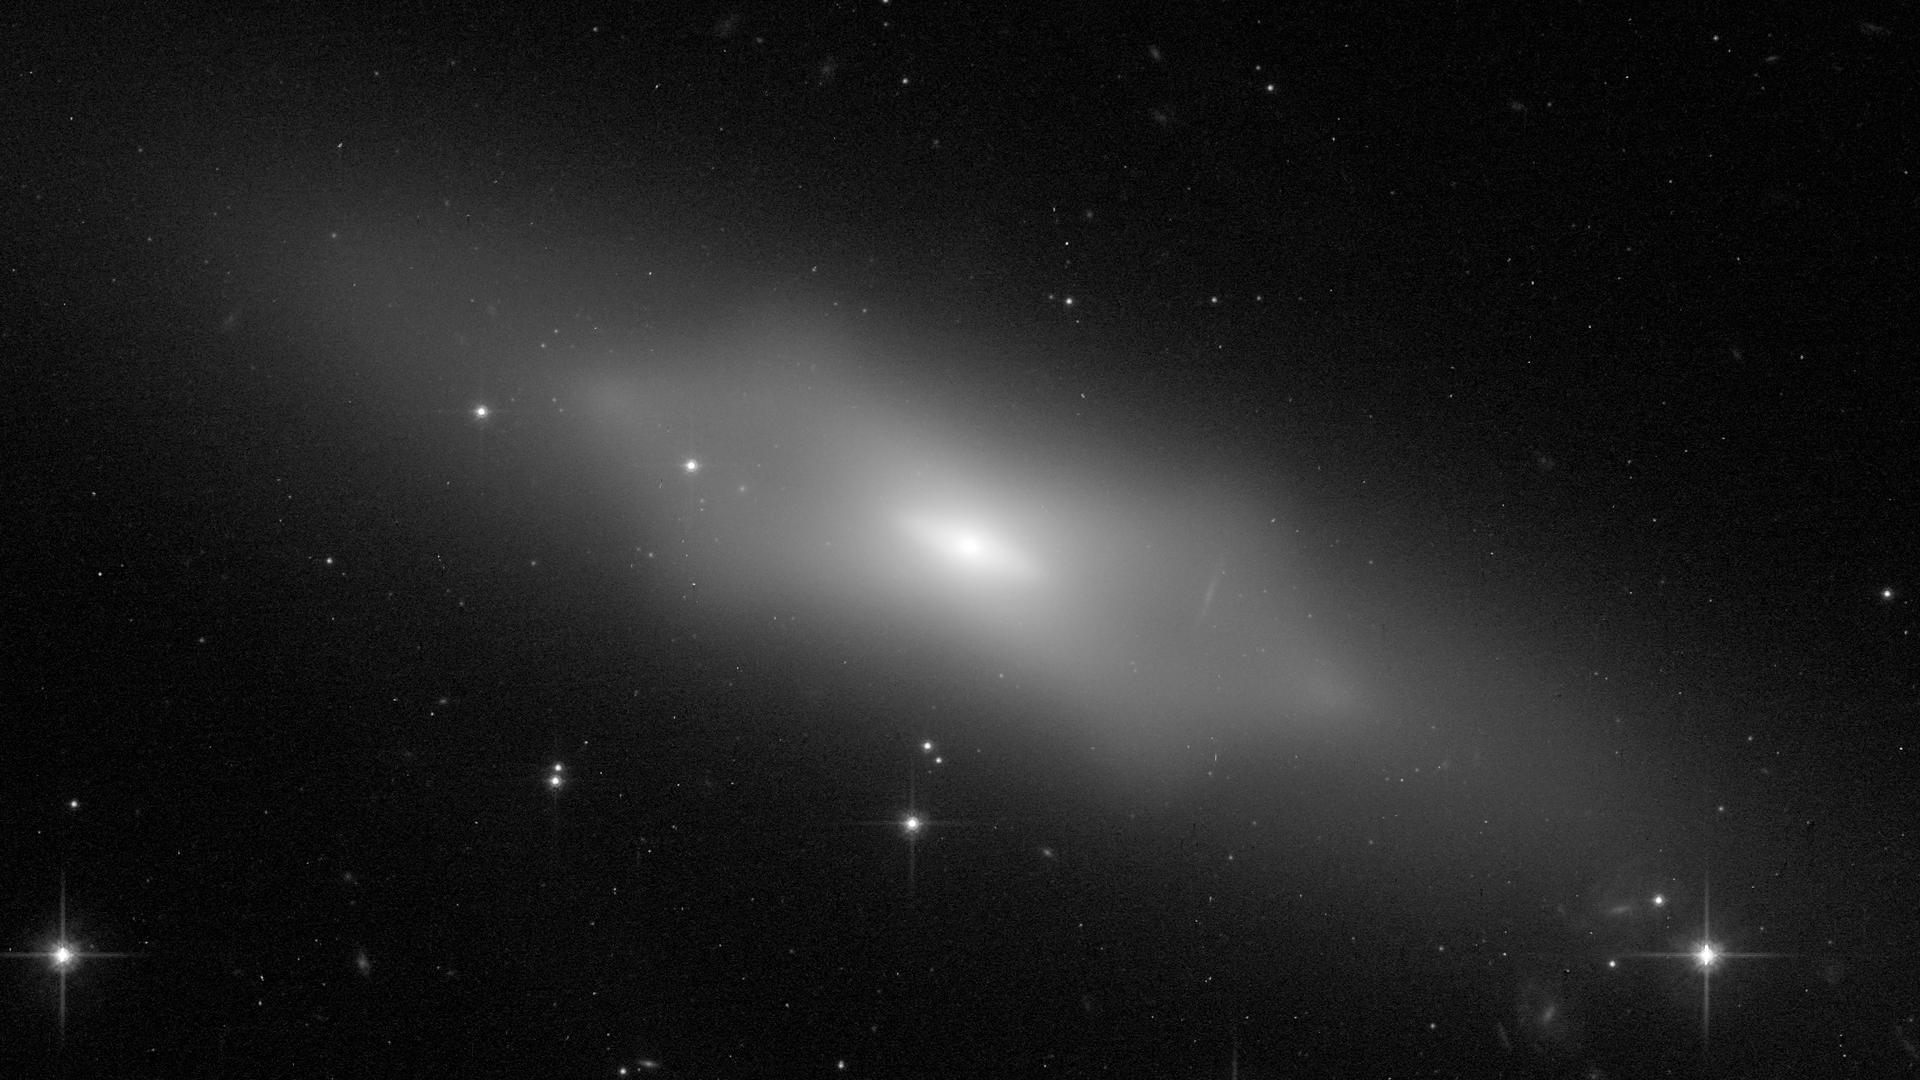 Esta imagen del telescopio espacial Hubble de NASA/ESA muestra NGC 1175, una galaxia con una forma particular e intrigante. Crédito: NASA/ESA Hubble Space Telescope y William Keel (University of Alabama) y el equipo del Galaxy Zoo.